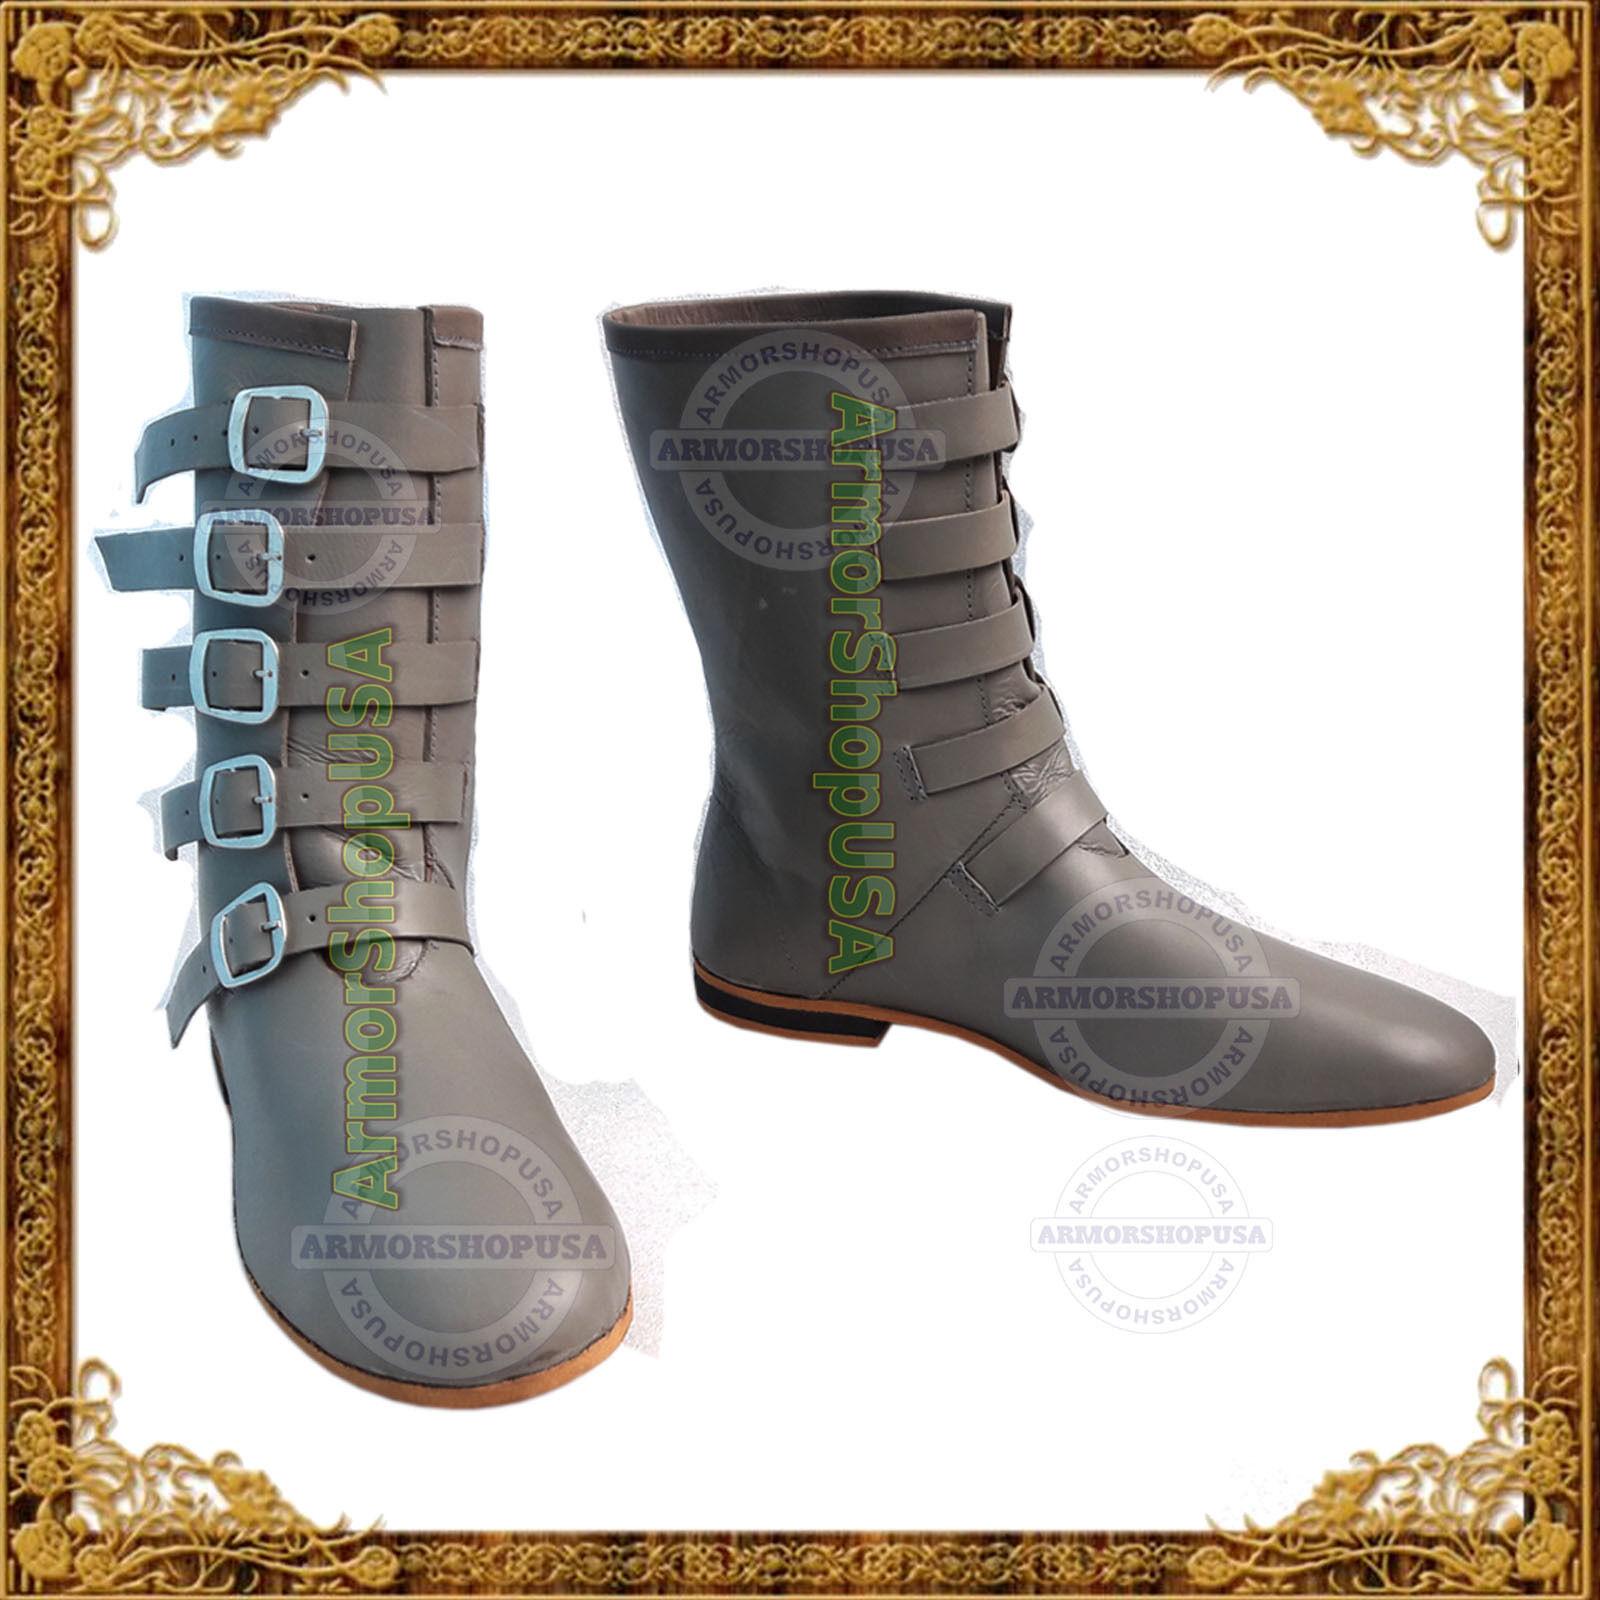 Details zu Lederstiefel Rüstung Ritterhelm Mittelalter Stiefel Schuhe Grau Ritterstiefel